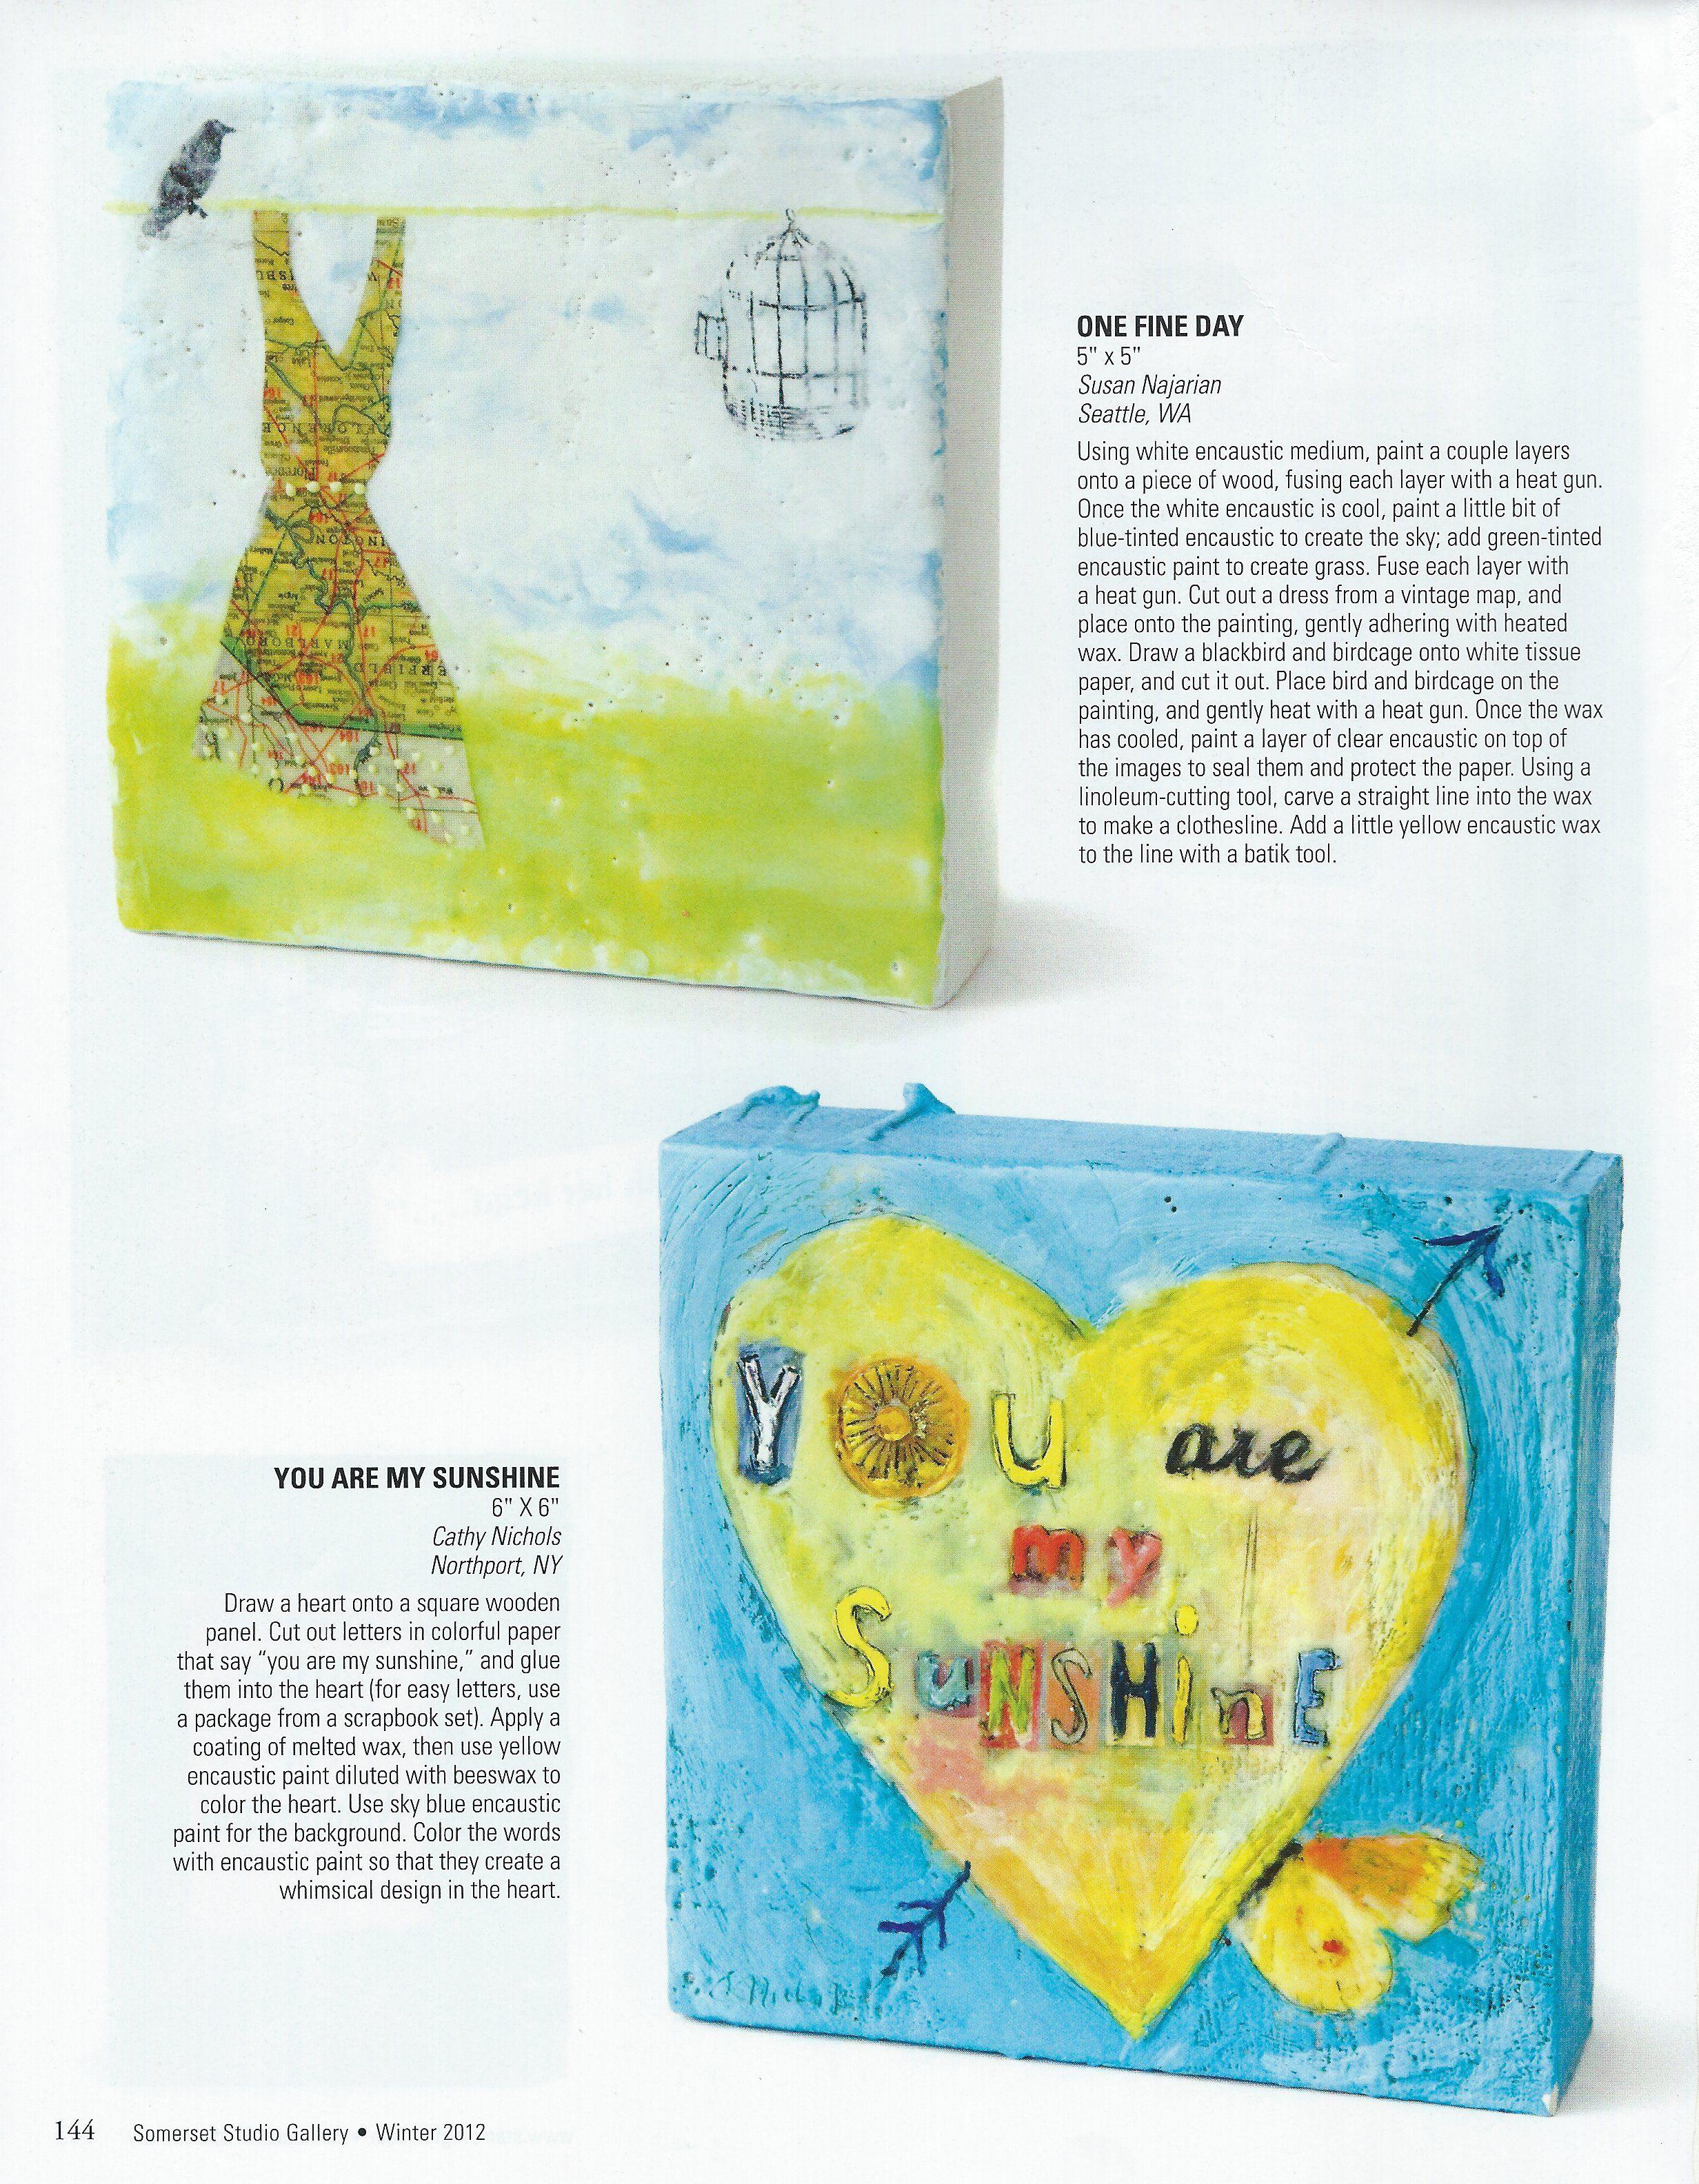 Scrapbook ideas on canvas - Card Or Canvas Or Scrapbook Ideas